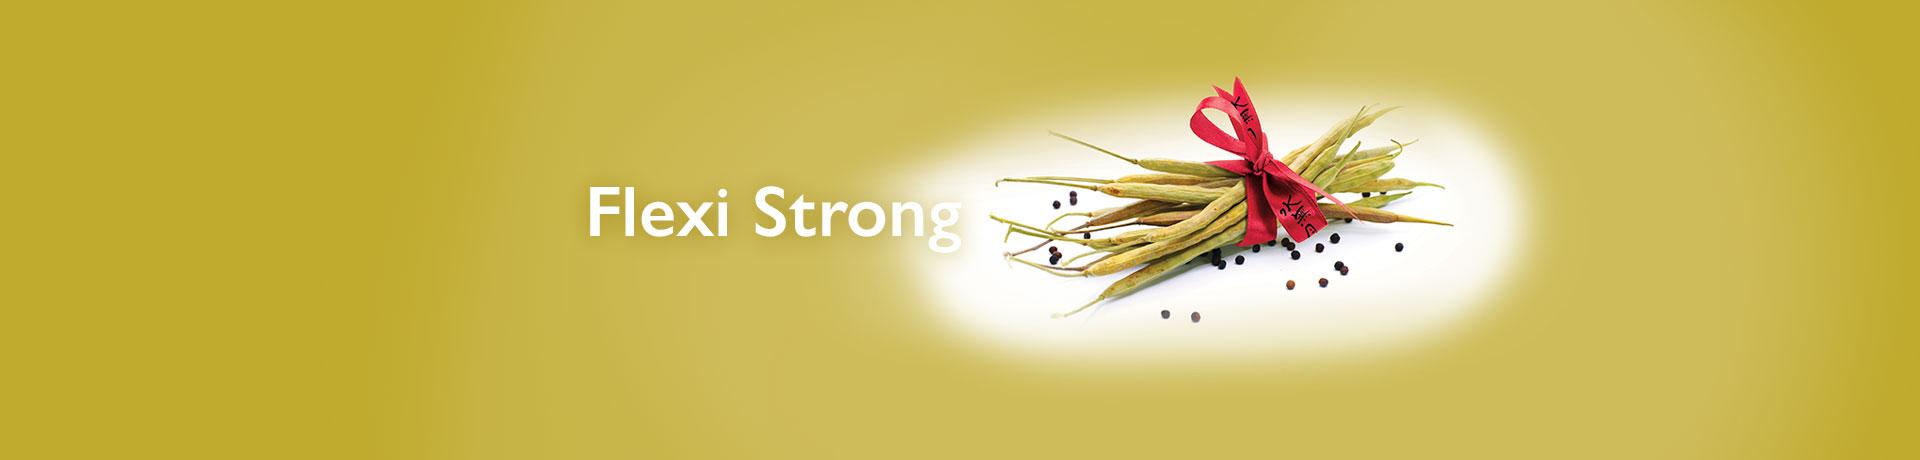 flexi strong